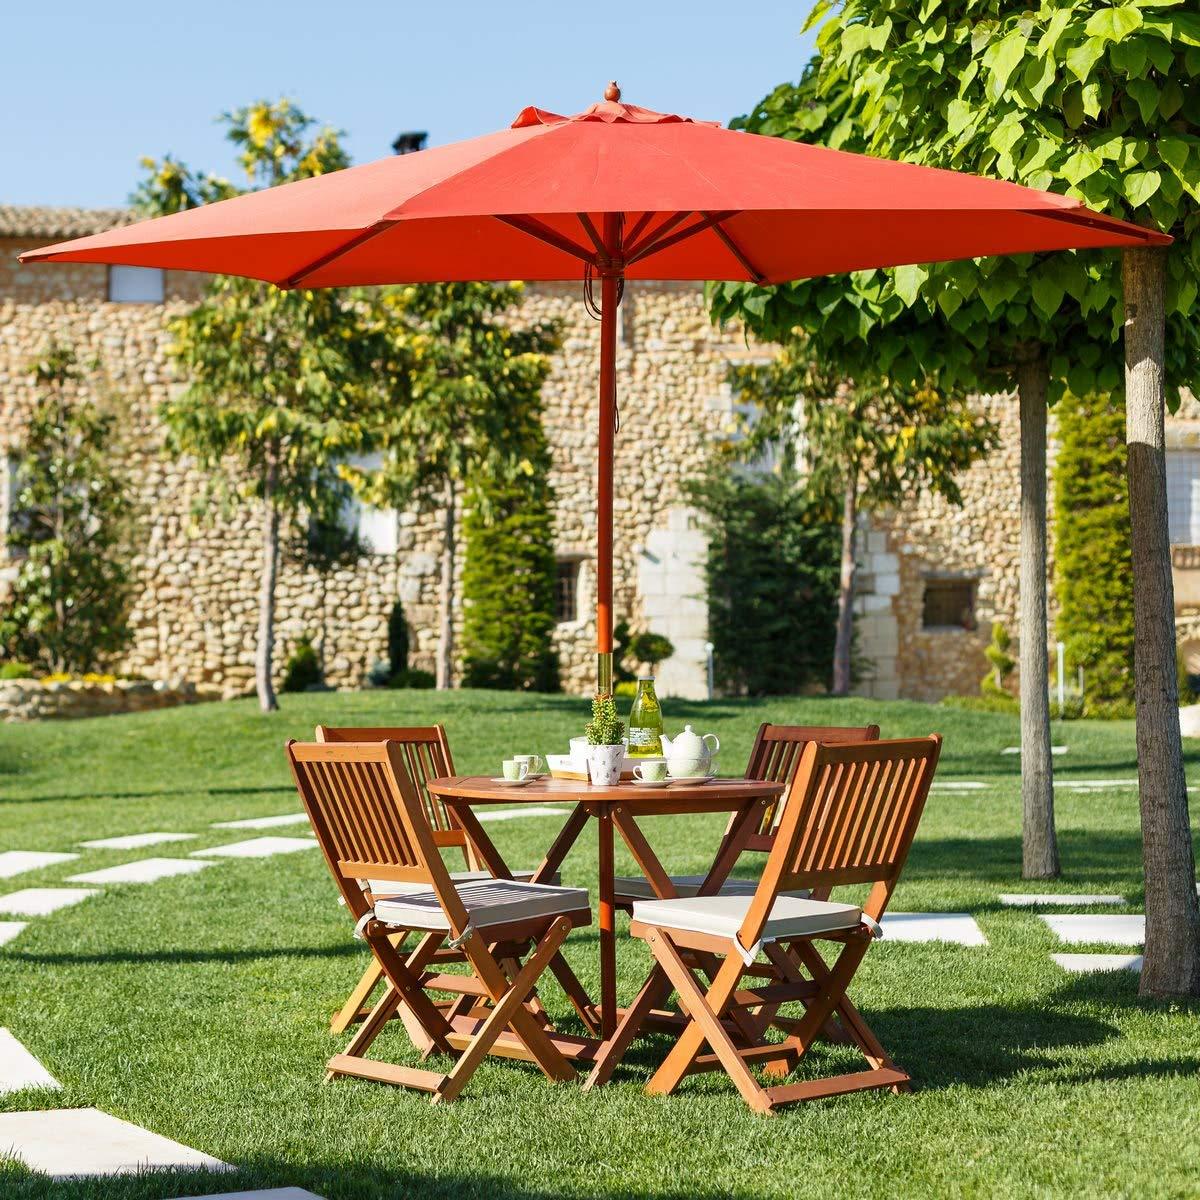 Conjunto de Mesa y sillas para terraza marrón de Madera Garden - LOLAhome: Amazon.es: Jardín